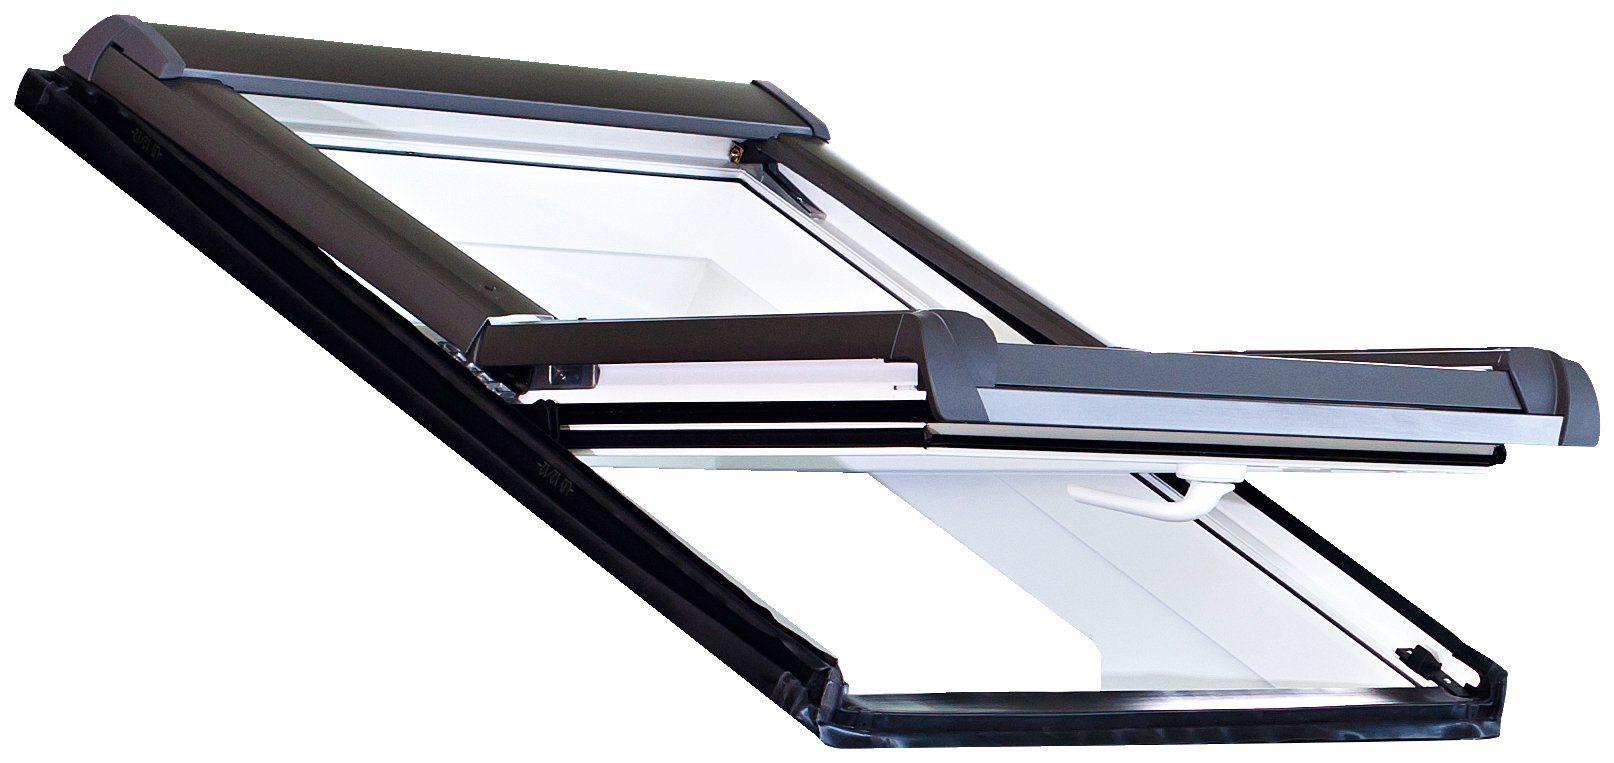 RORO Dachfenster »Typ DKE200«, BxH: 54x78 cm, weiß